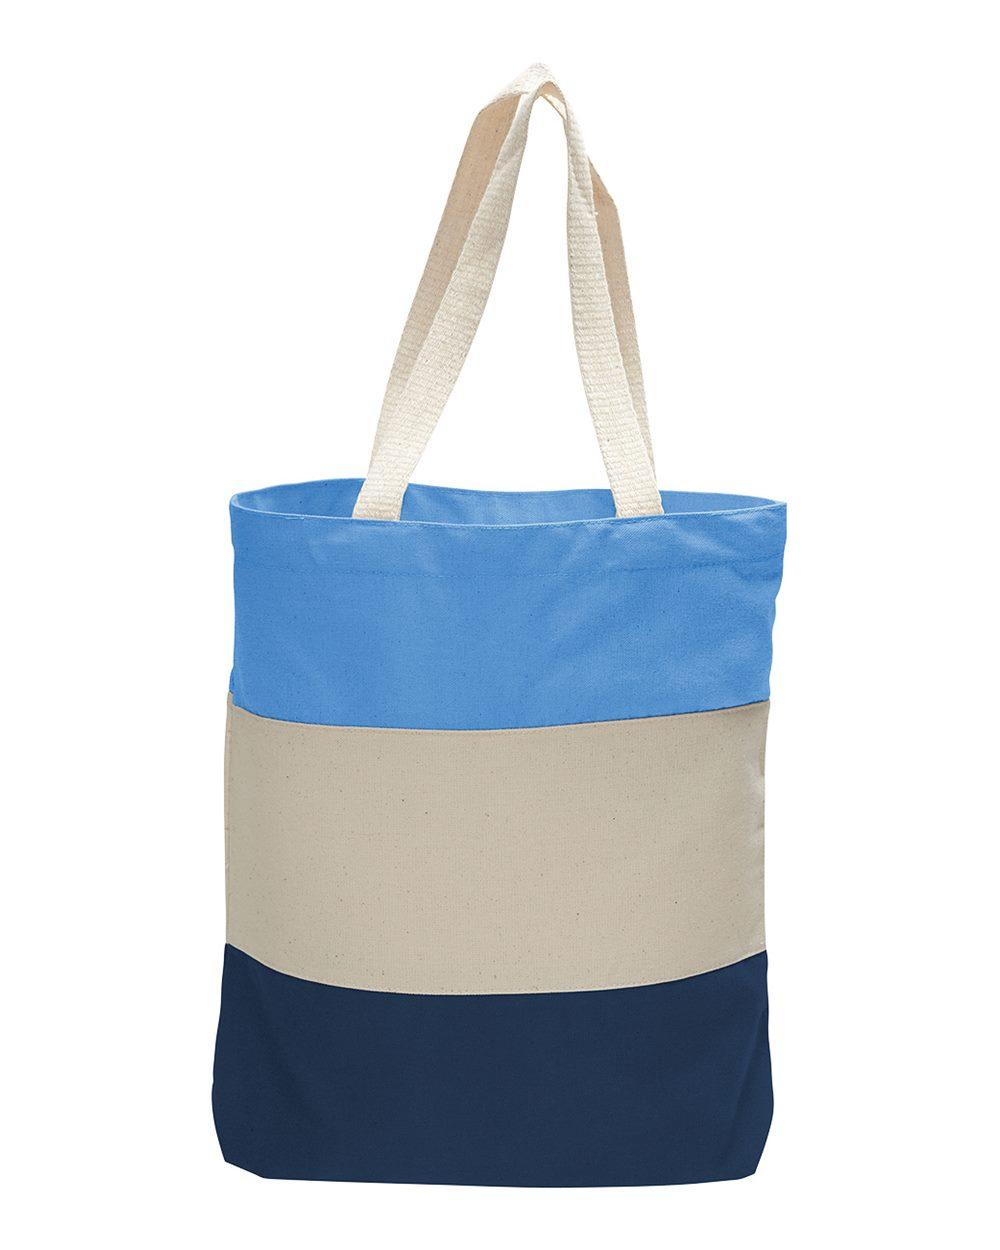 Q-Tees Q125900 - Canvas Tri-Color Tote Bag